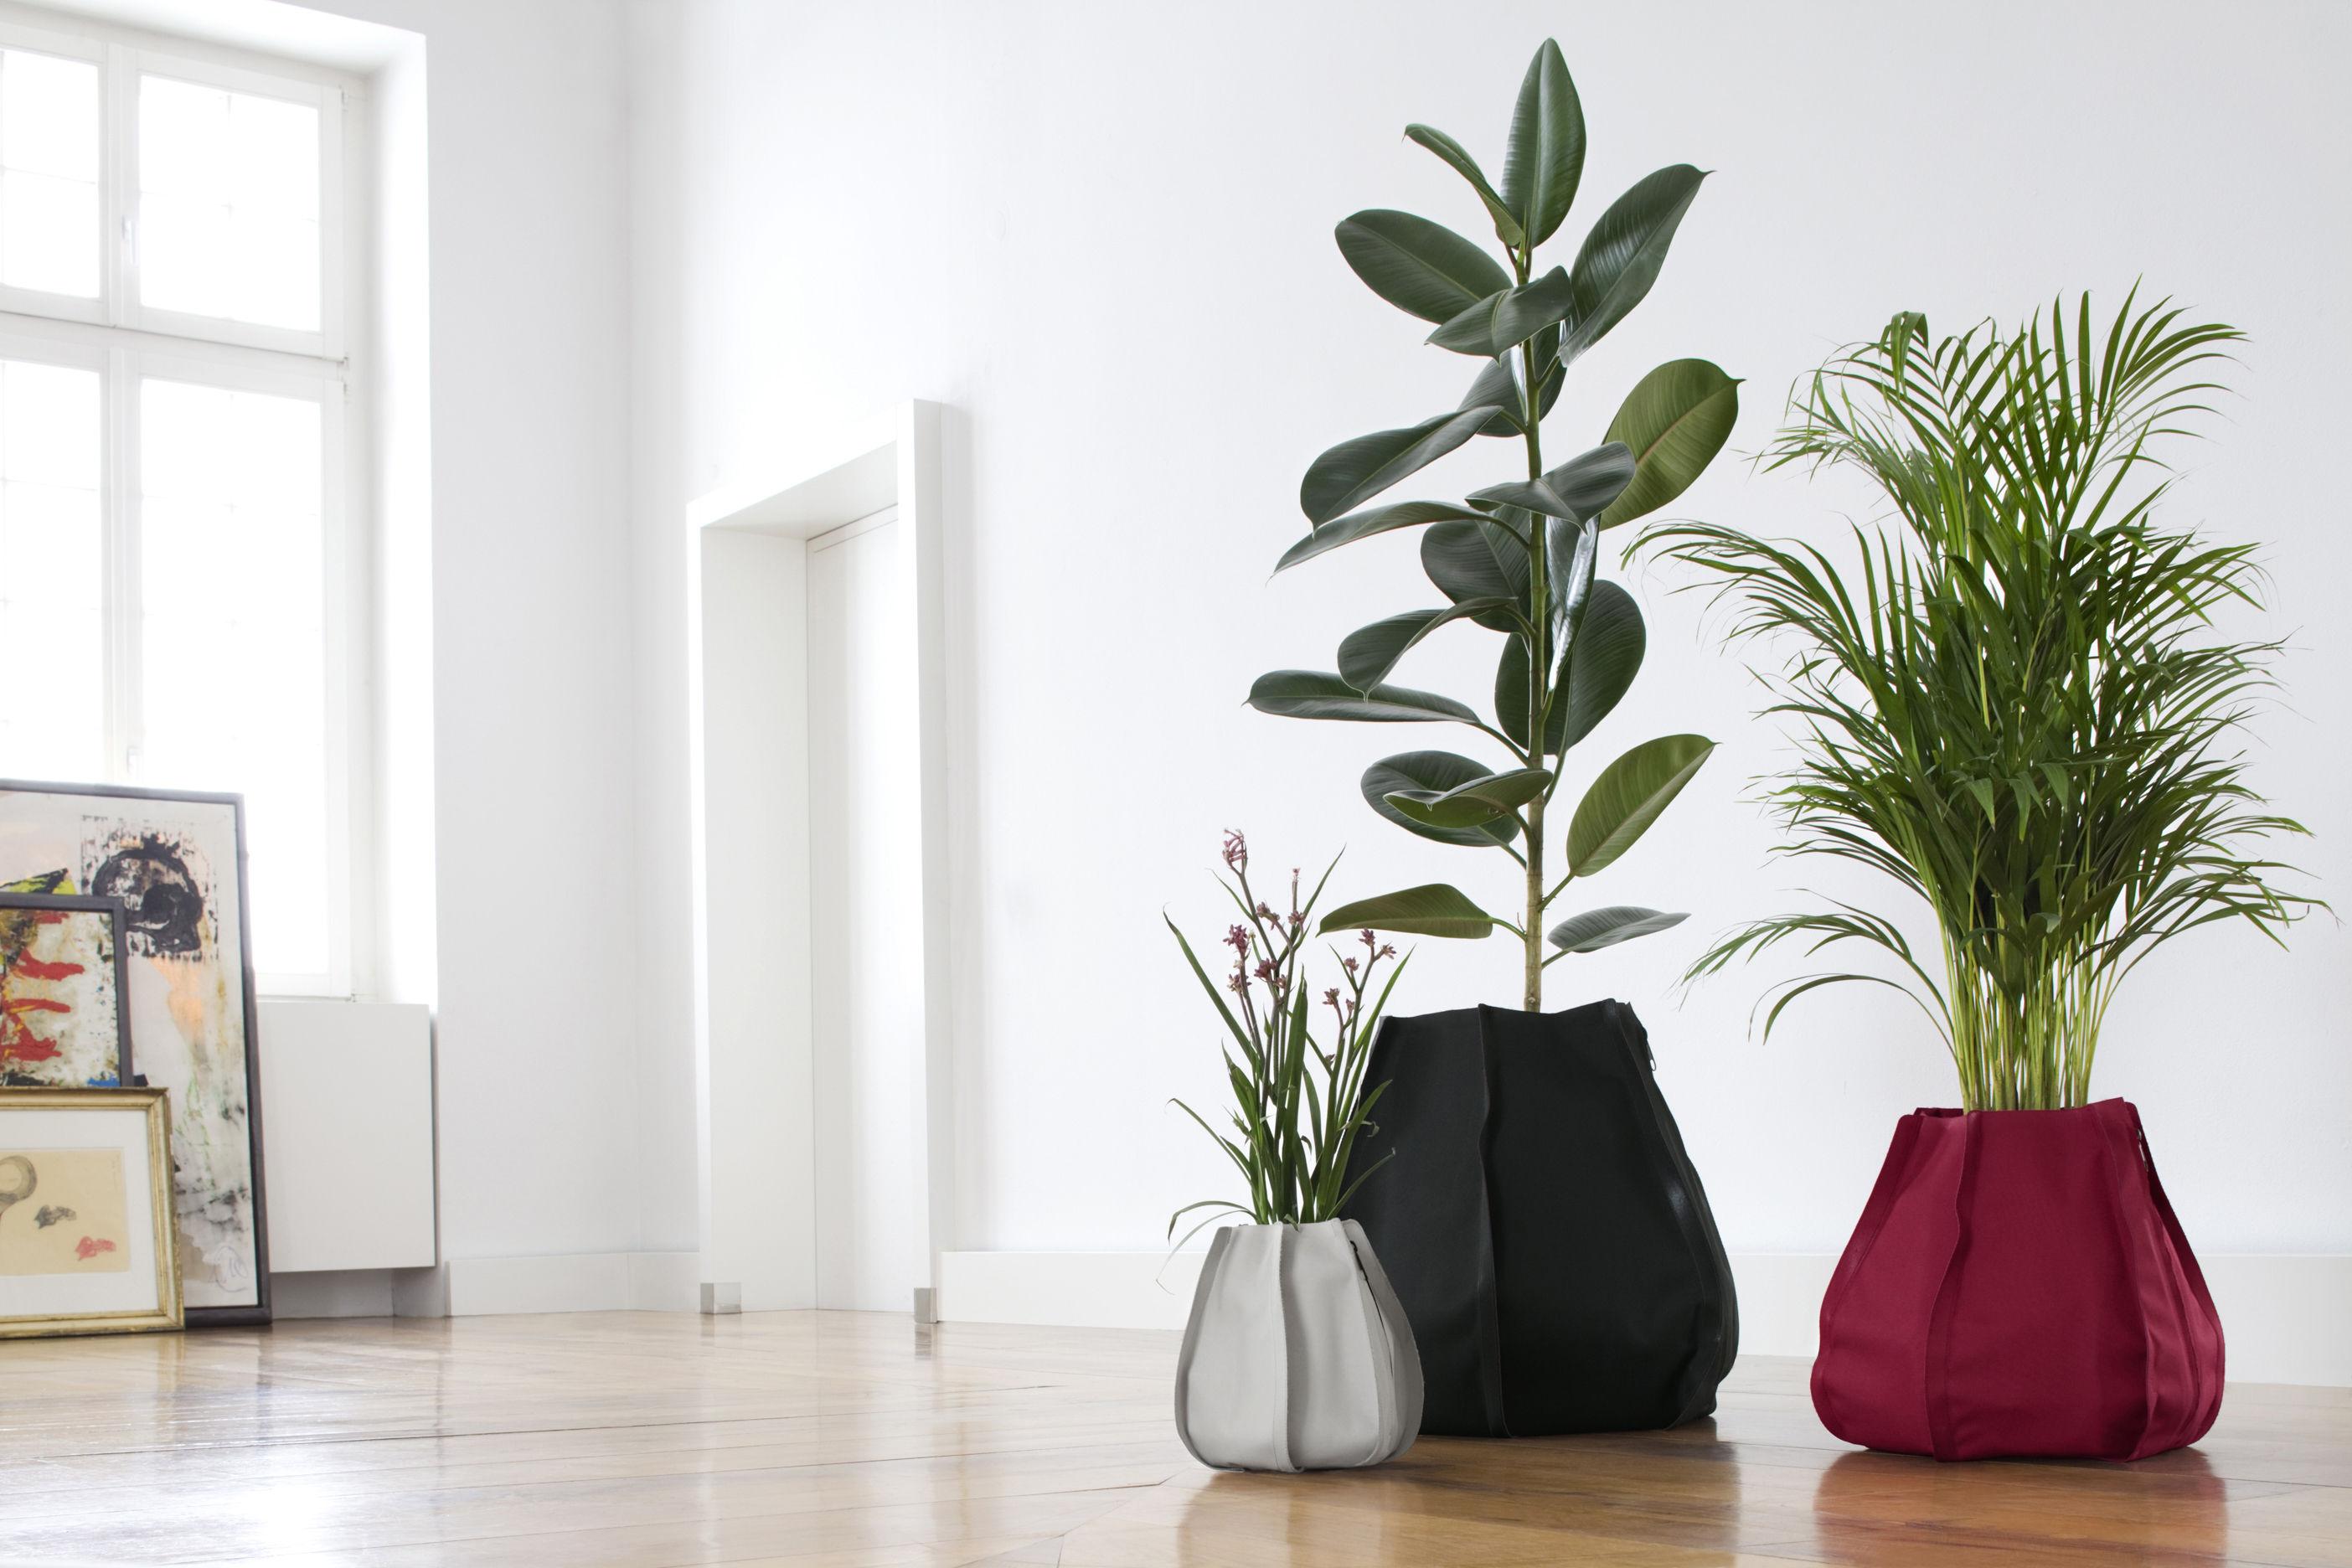 Vasi Per Piante Da Appartamento.Inquinamento In Ufficio Ecco Le Piante Che Purificano L Aria